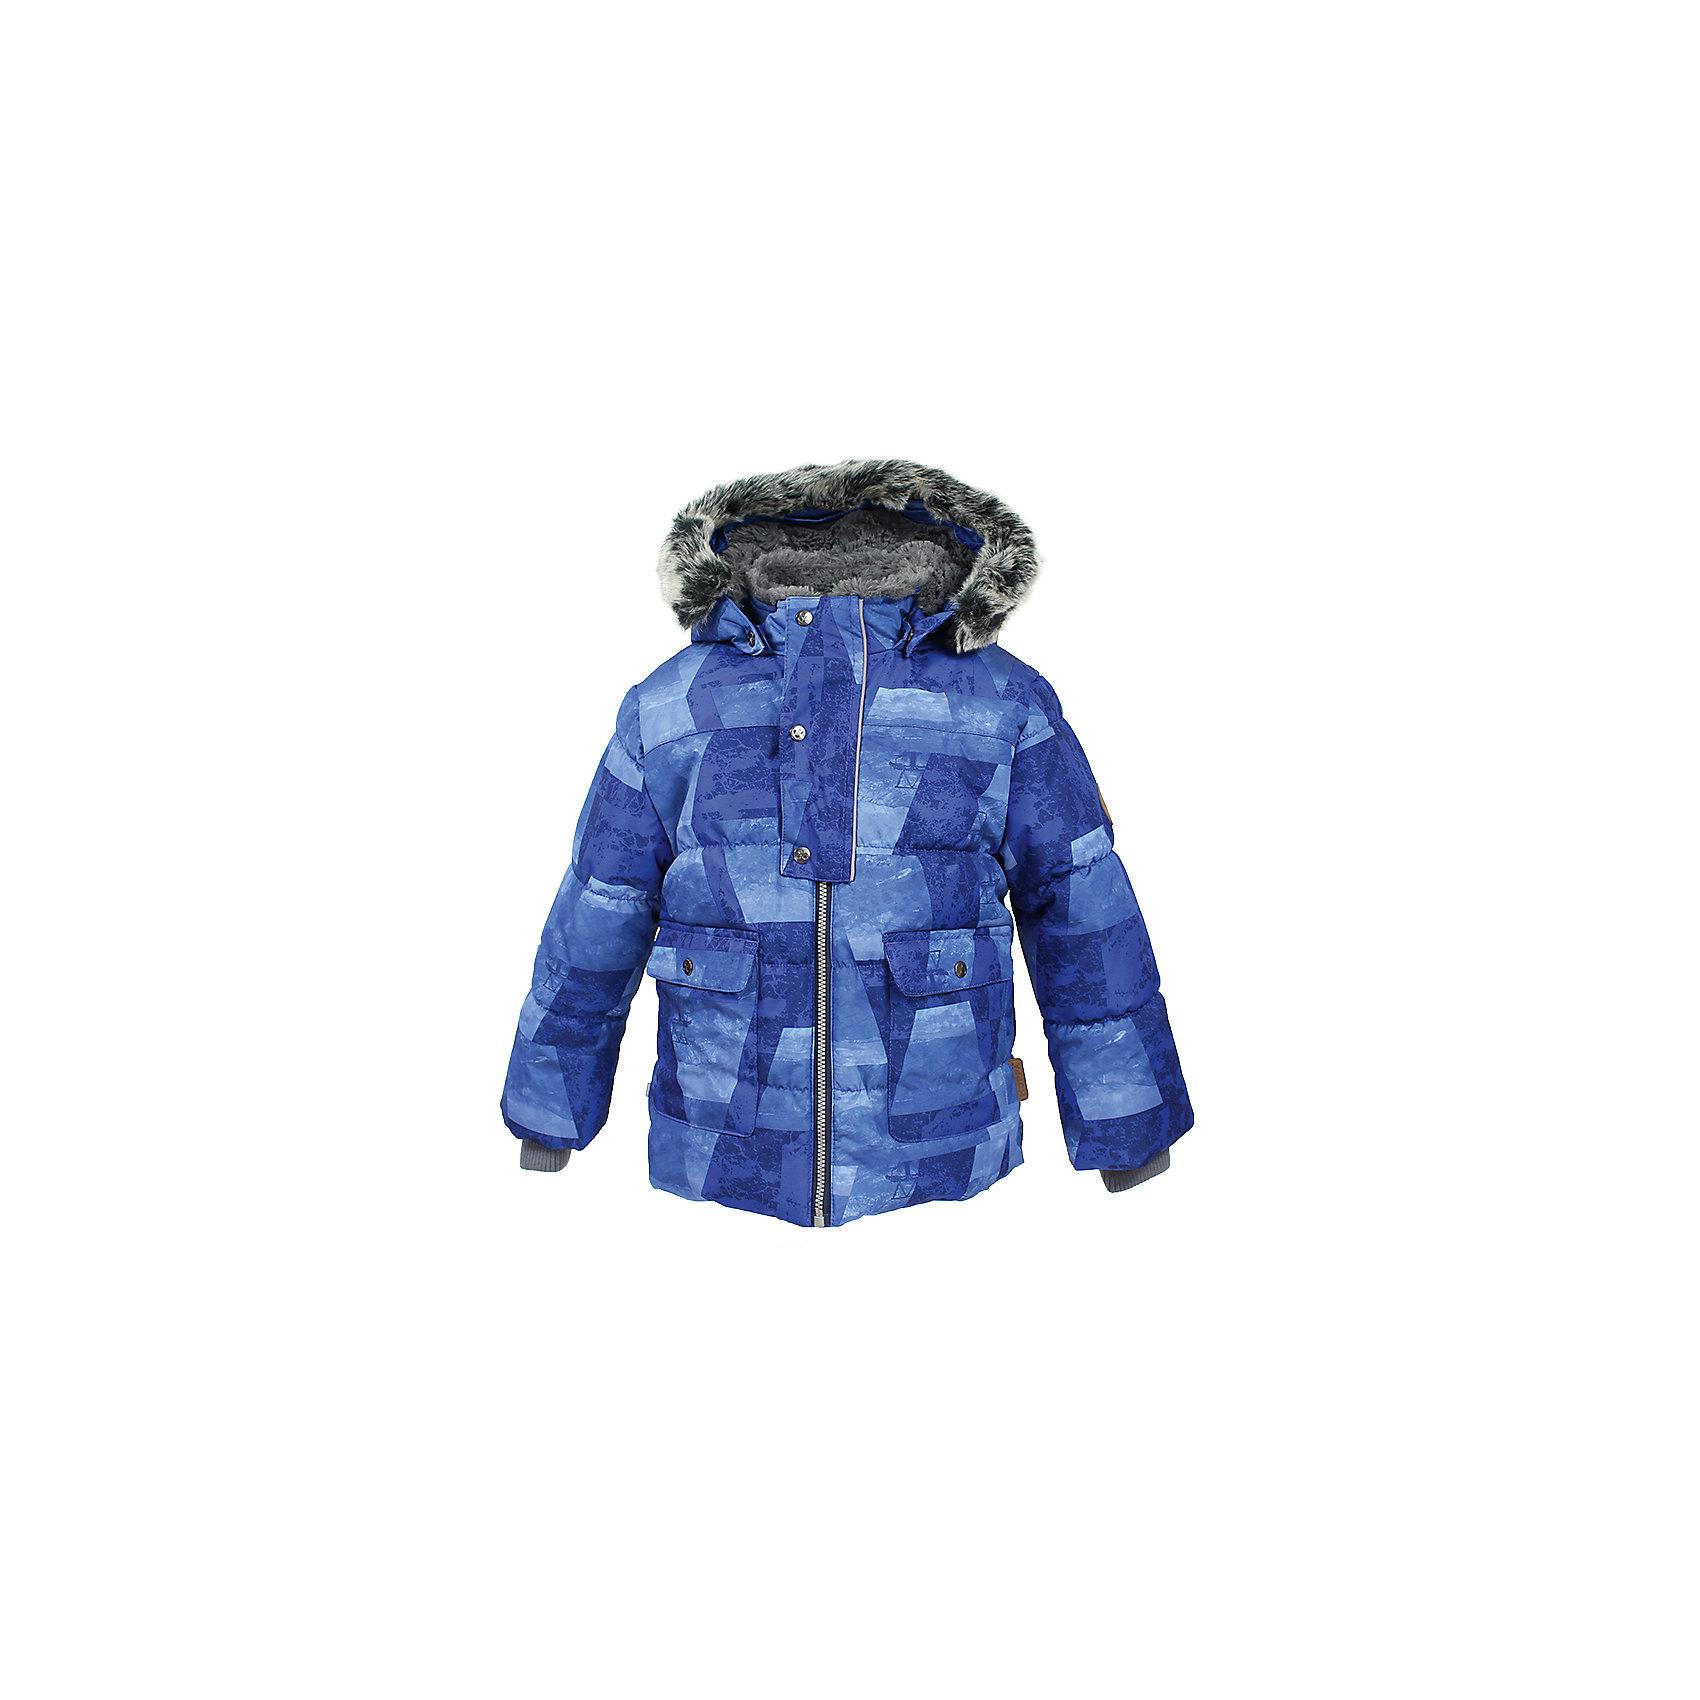 Куртка OLIVER Huppa для мальчикаВерхняя одежда<br>Куртка для мальчиков OLIVER.Водо и воздухонепроницаемость 10 000 .Утеплитель 300 гр. Подкладка Teddy Fur, тафта 100% полиэстер.Капюшон с отстегивающимся мехом.Внутренний манжет рукава. Имеются светоотражательные элементы.<br>Состав:<br>100% Полиэстер<br><br>Ширина мм: 356<br>Глубина мм: 10<br>Высота мм: 245<br>Вес г: 519<br>Цвет: синий<br>Возраст от месяцев: 72<br>Возраст до месяцев: 84<br>Пол: Мужской<br>Возраст: Детский<br>Размер: 122,74,80,86,92,98,104,110,116<br>SKU: 7024912